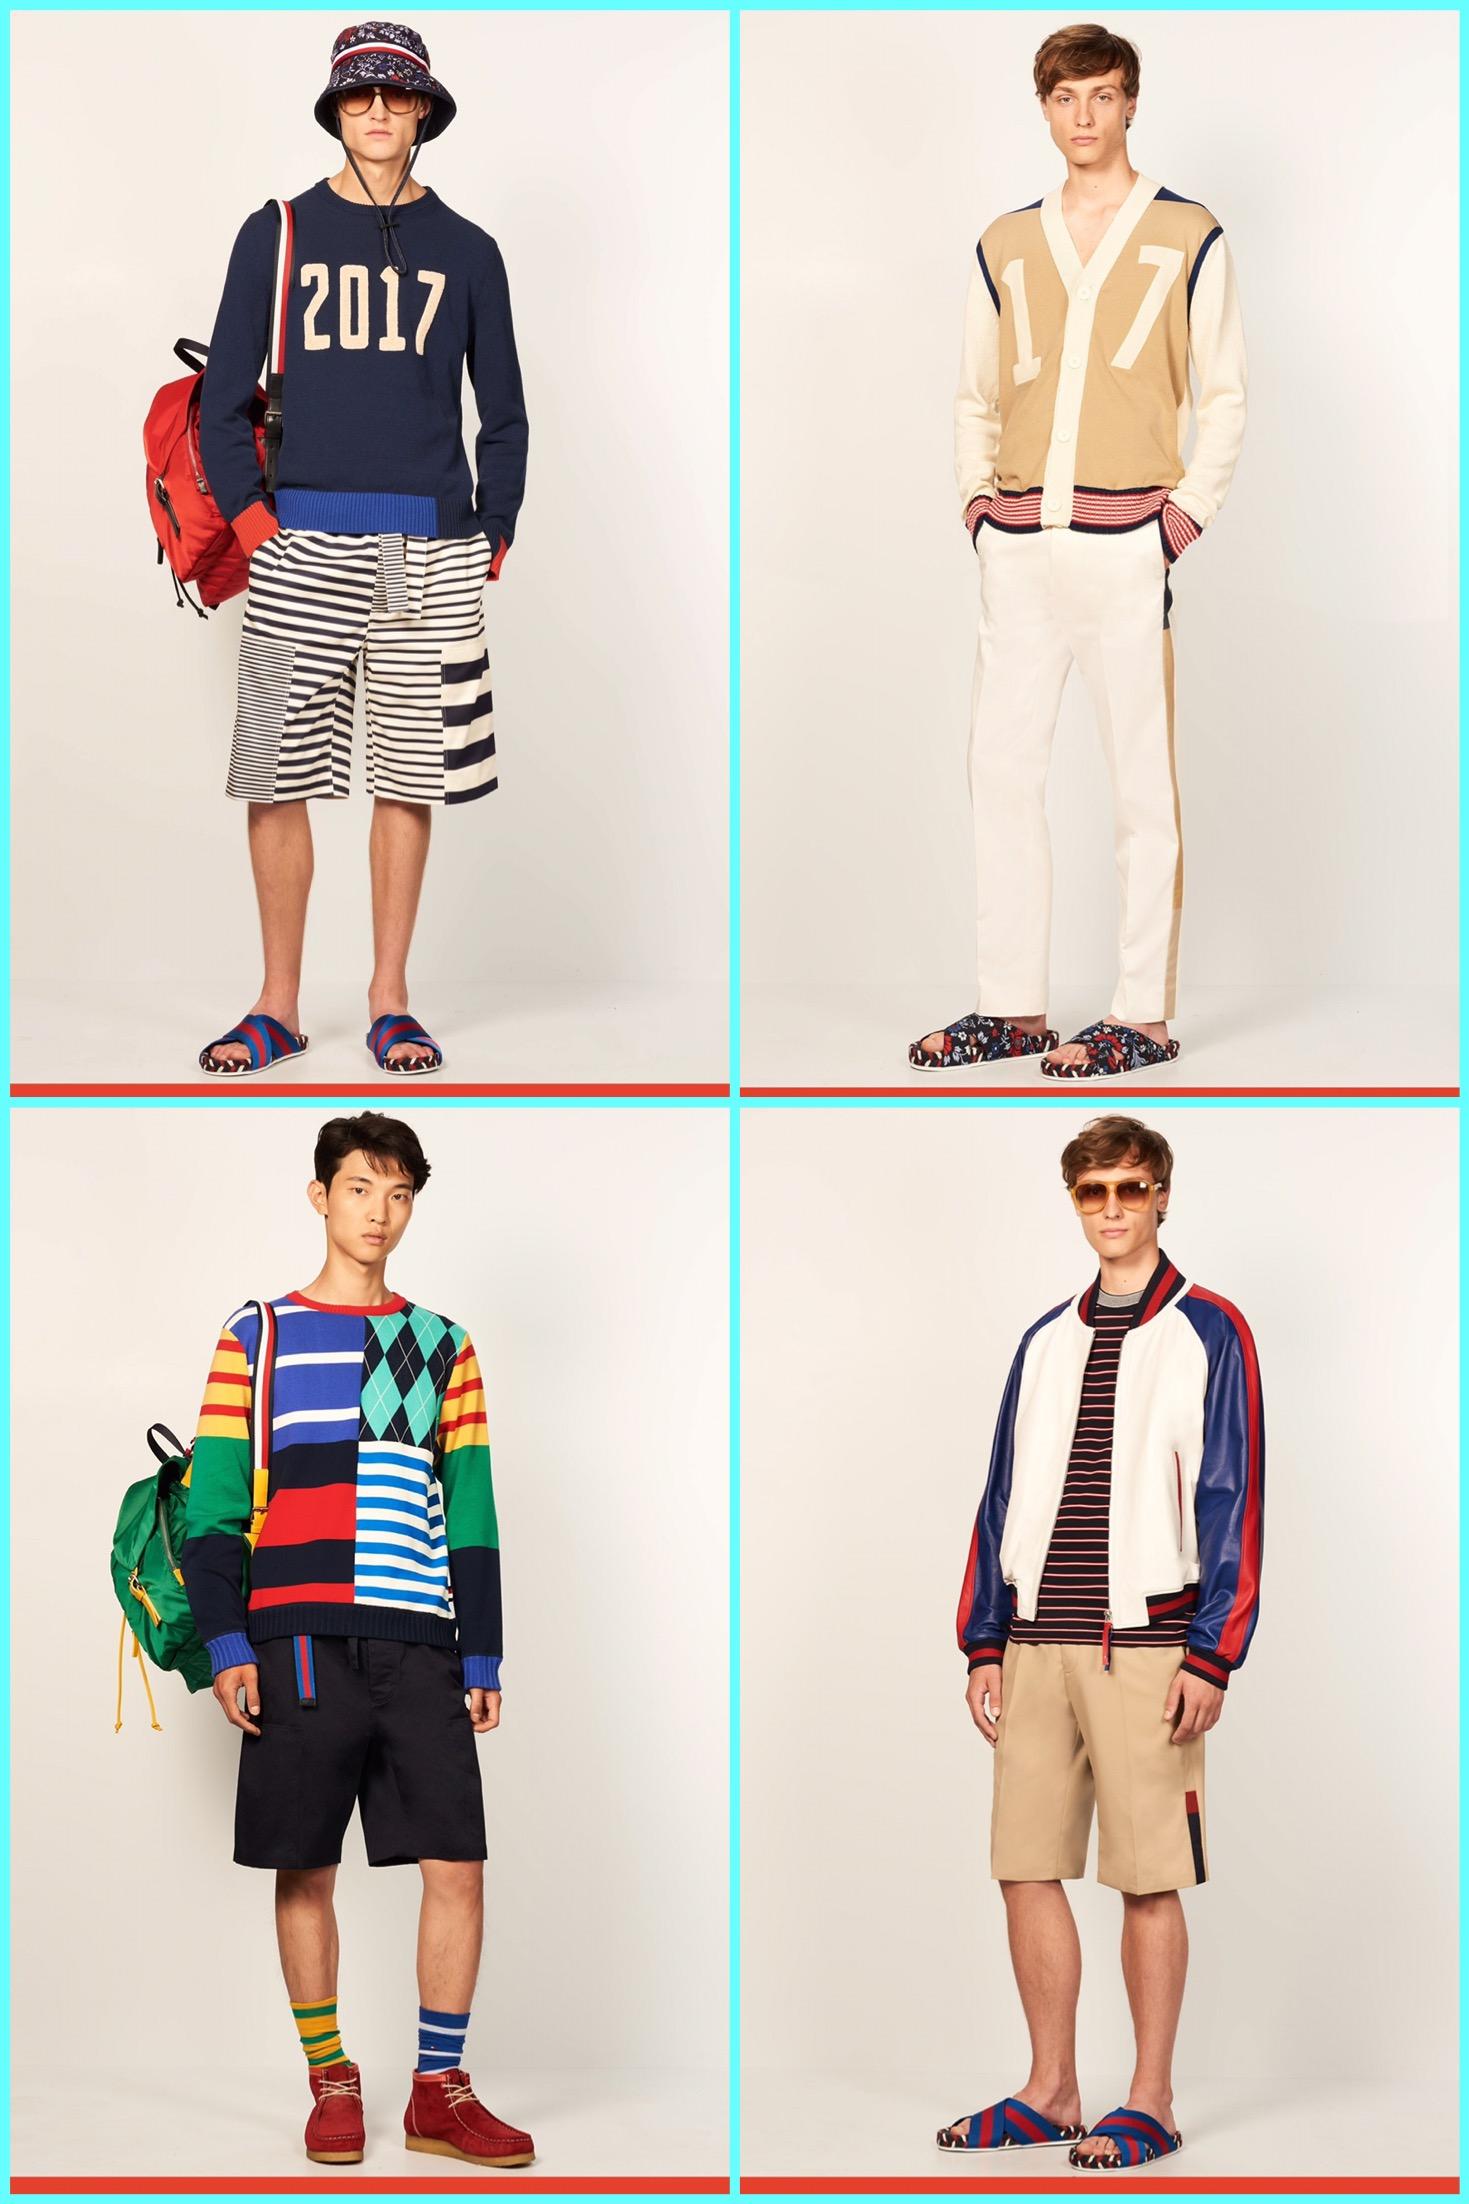 ny-fashion-week-menswear-spring-summer-2017-style-tommy-hilfiger